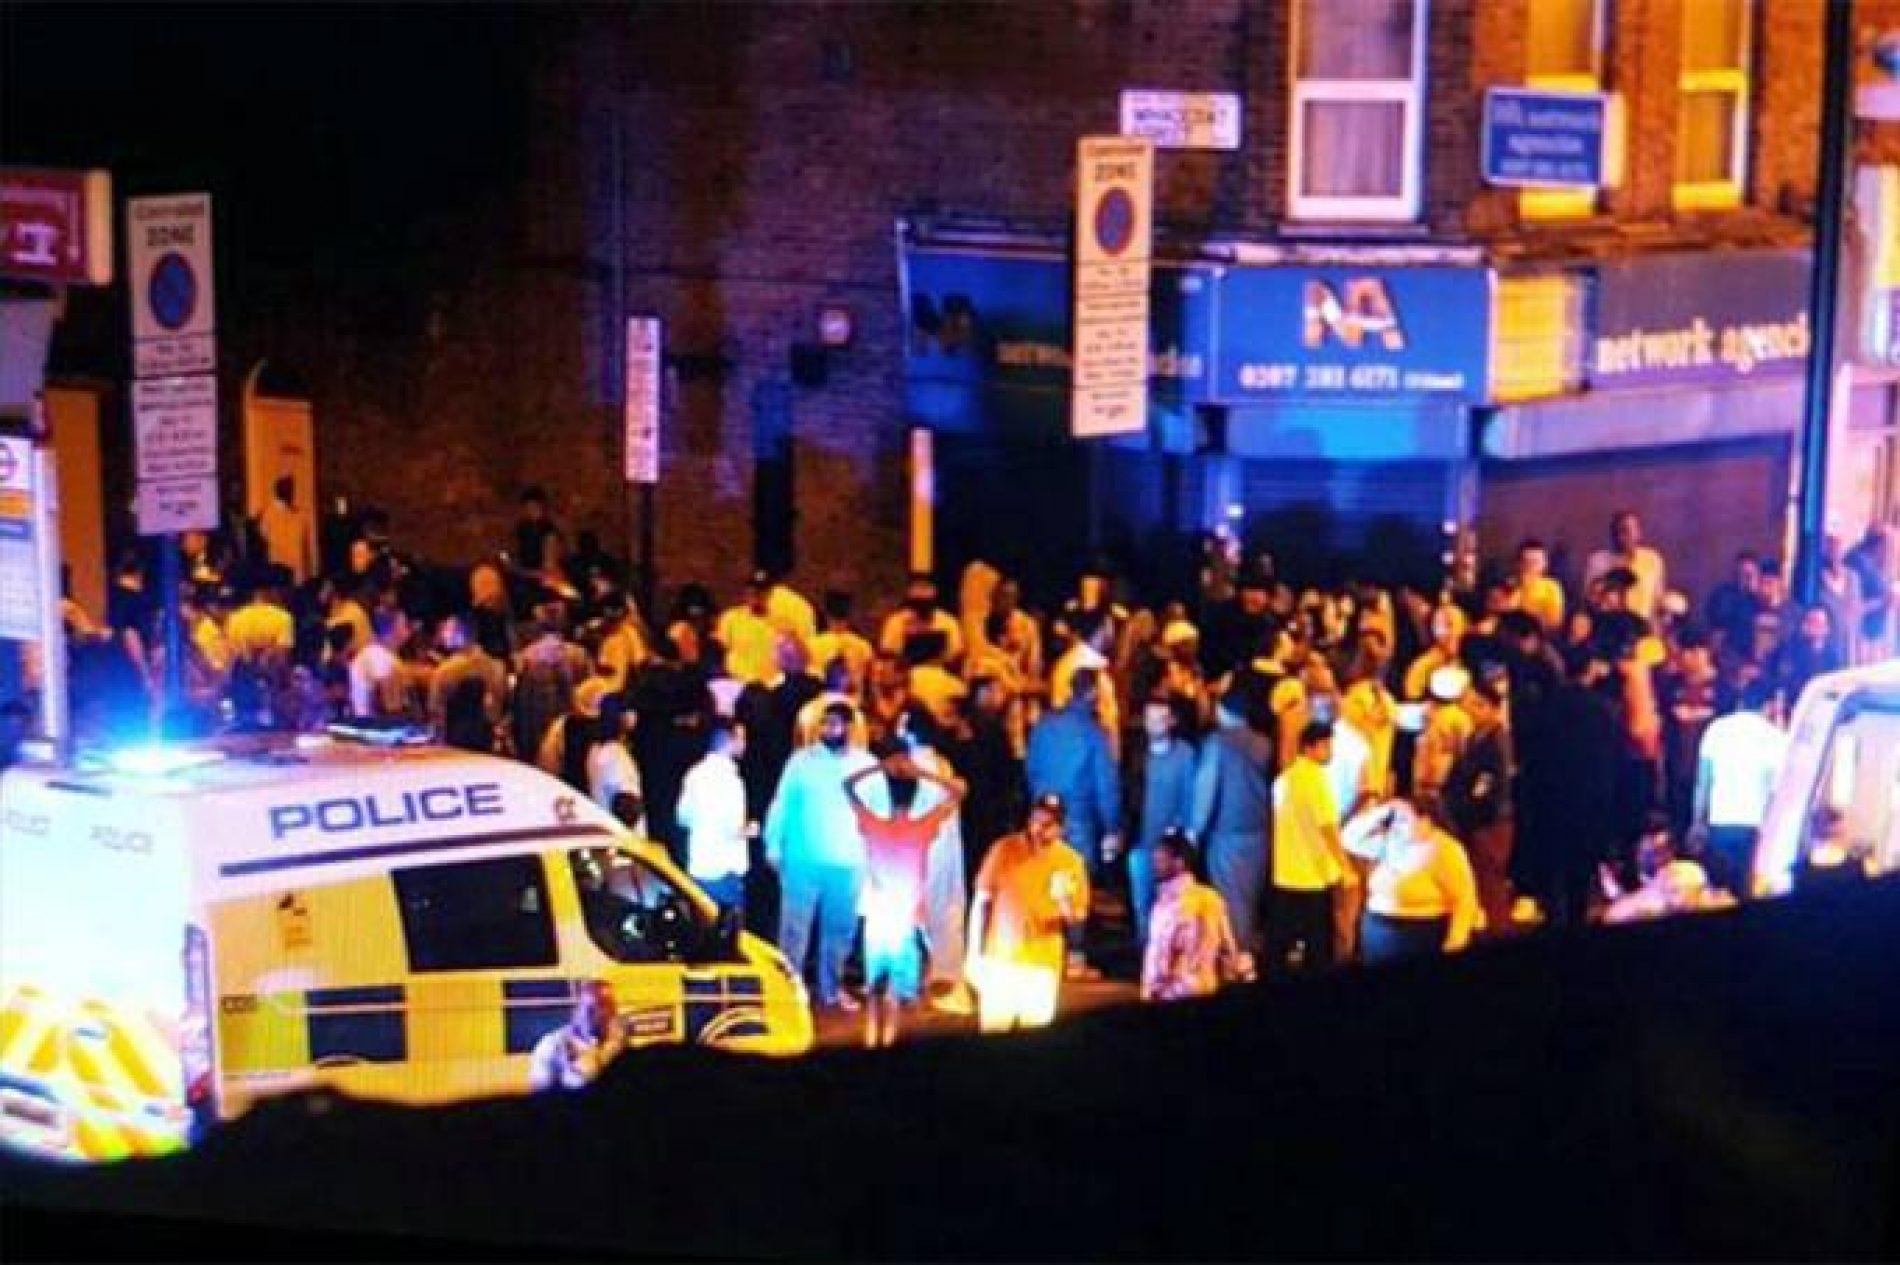 Atropelamento em Londres deixa um morto e dez feridos